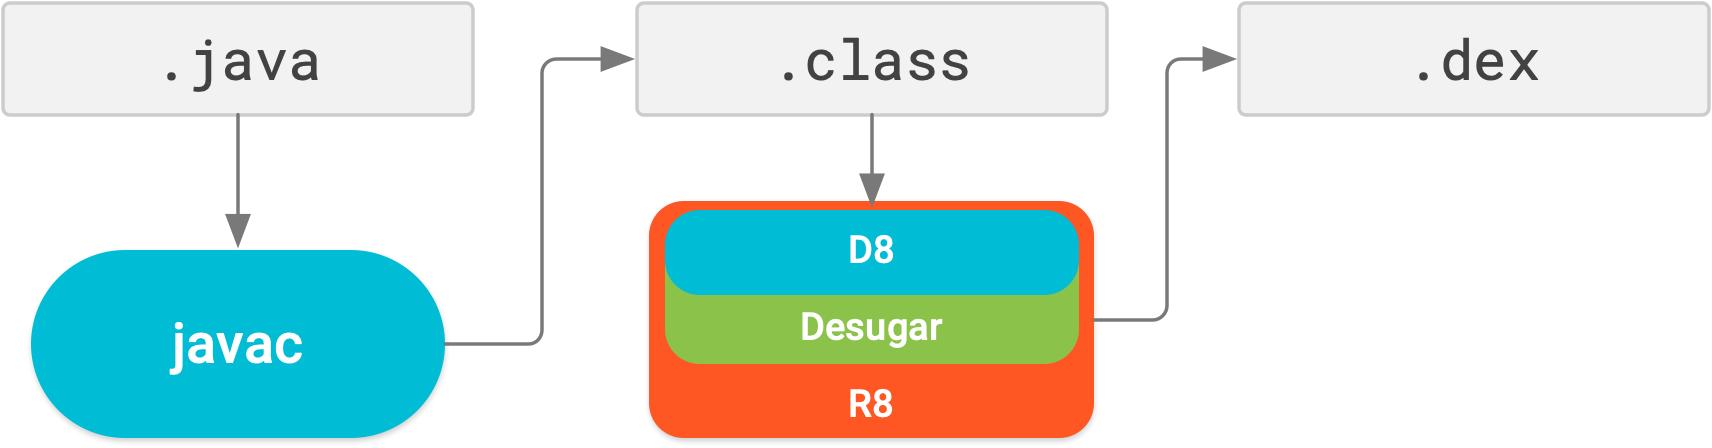 Com R8, simplificação, redução, ofuscação, otimizanção e dexação são todos executados em uma única etapa de compilação.